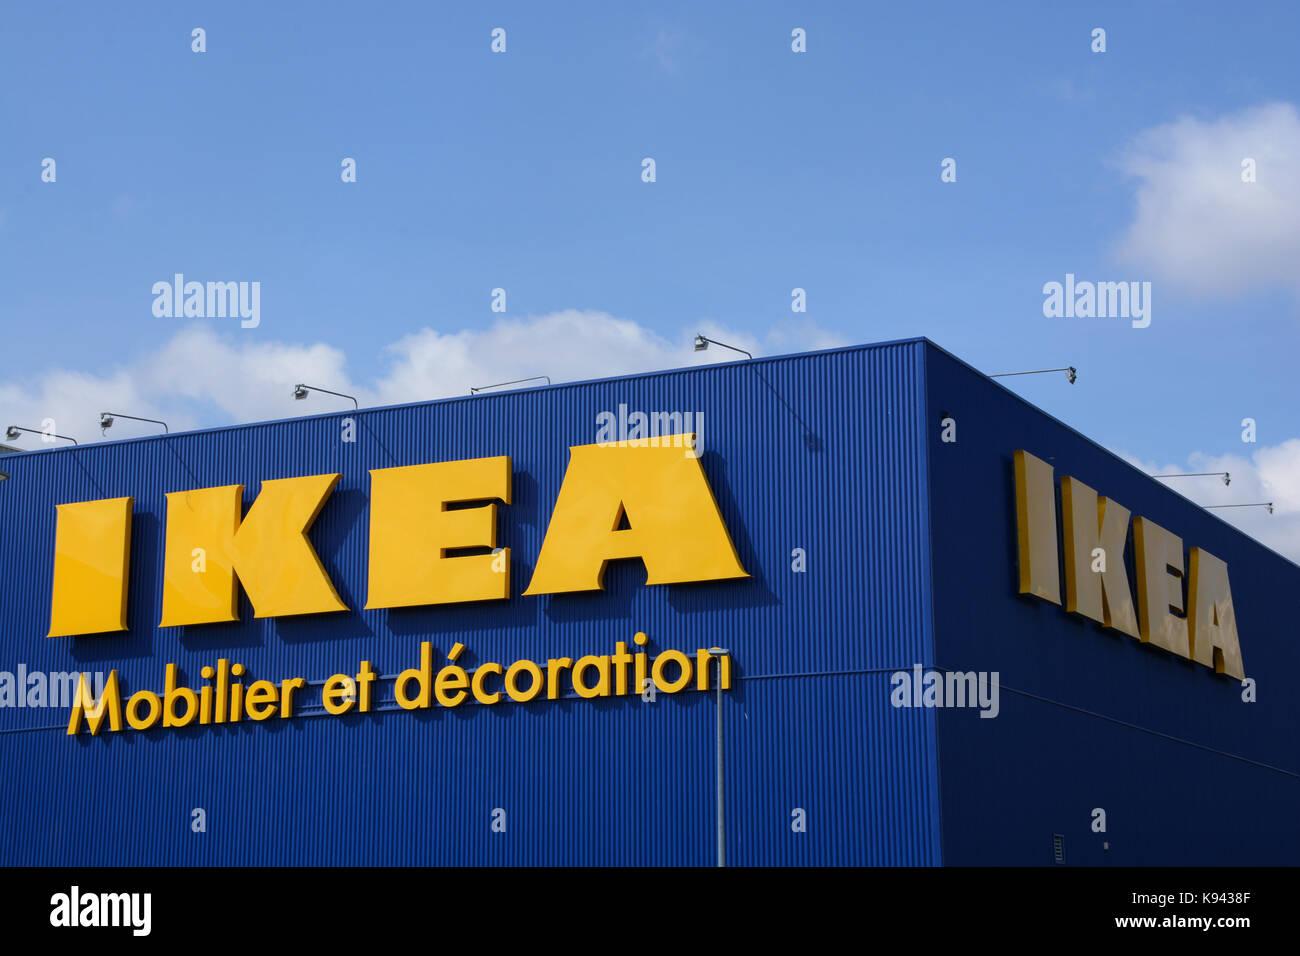 Ikea, Furniture And Decoration Shop, Clermont Ferrand, Puy De Dome, Auvergne,  France